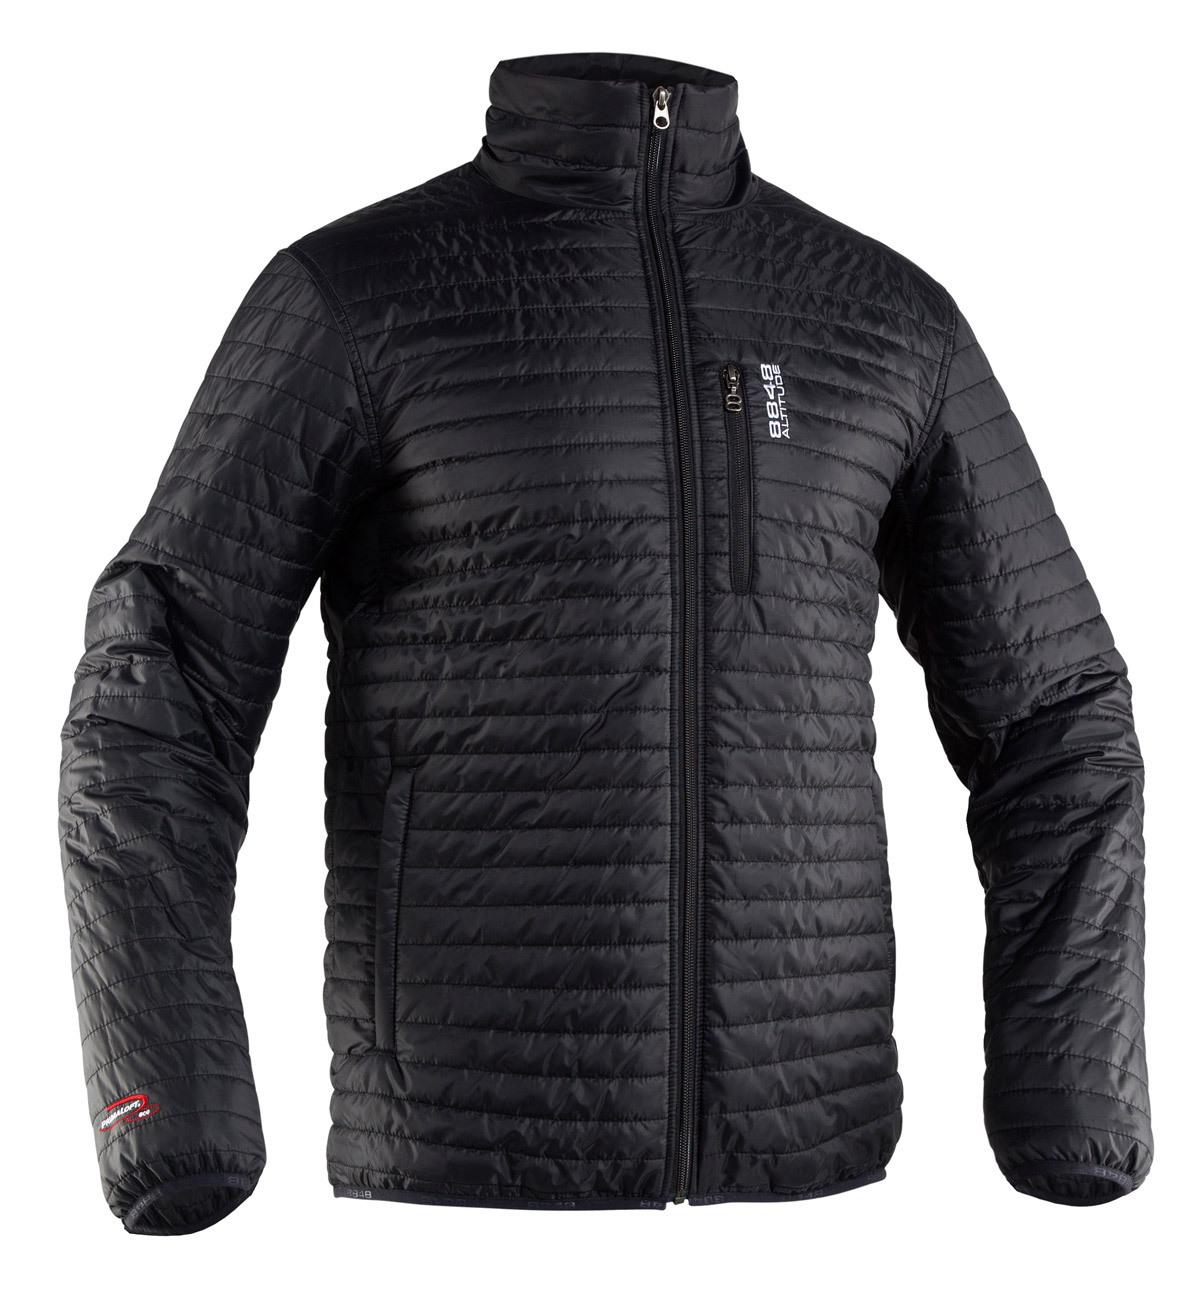 Куртка 8848 Altitude Xerxes Primaloft Black мужская